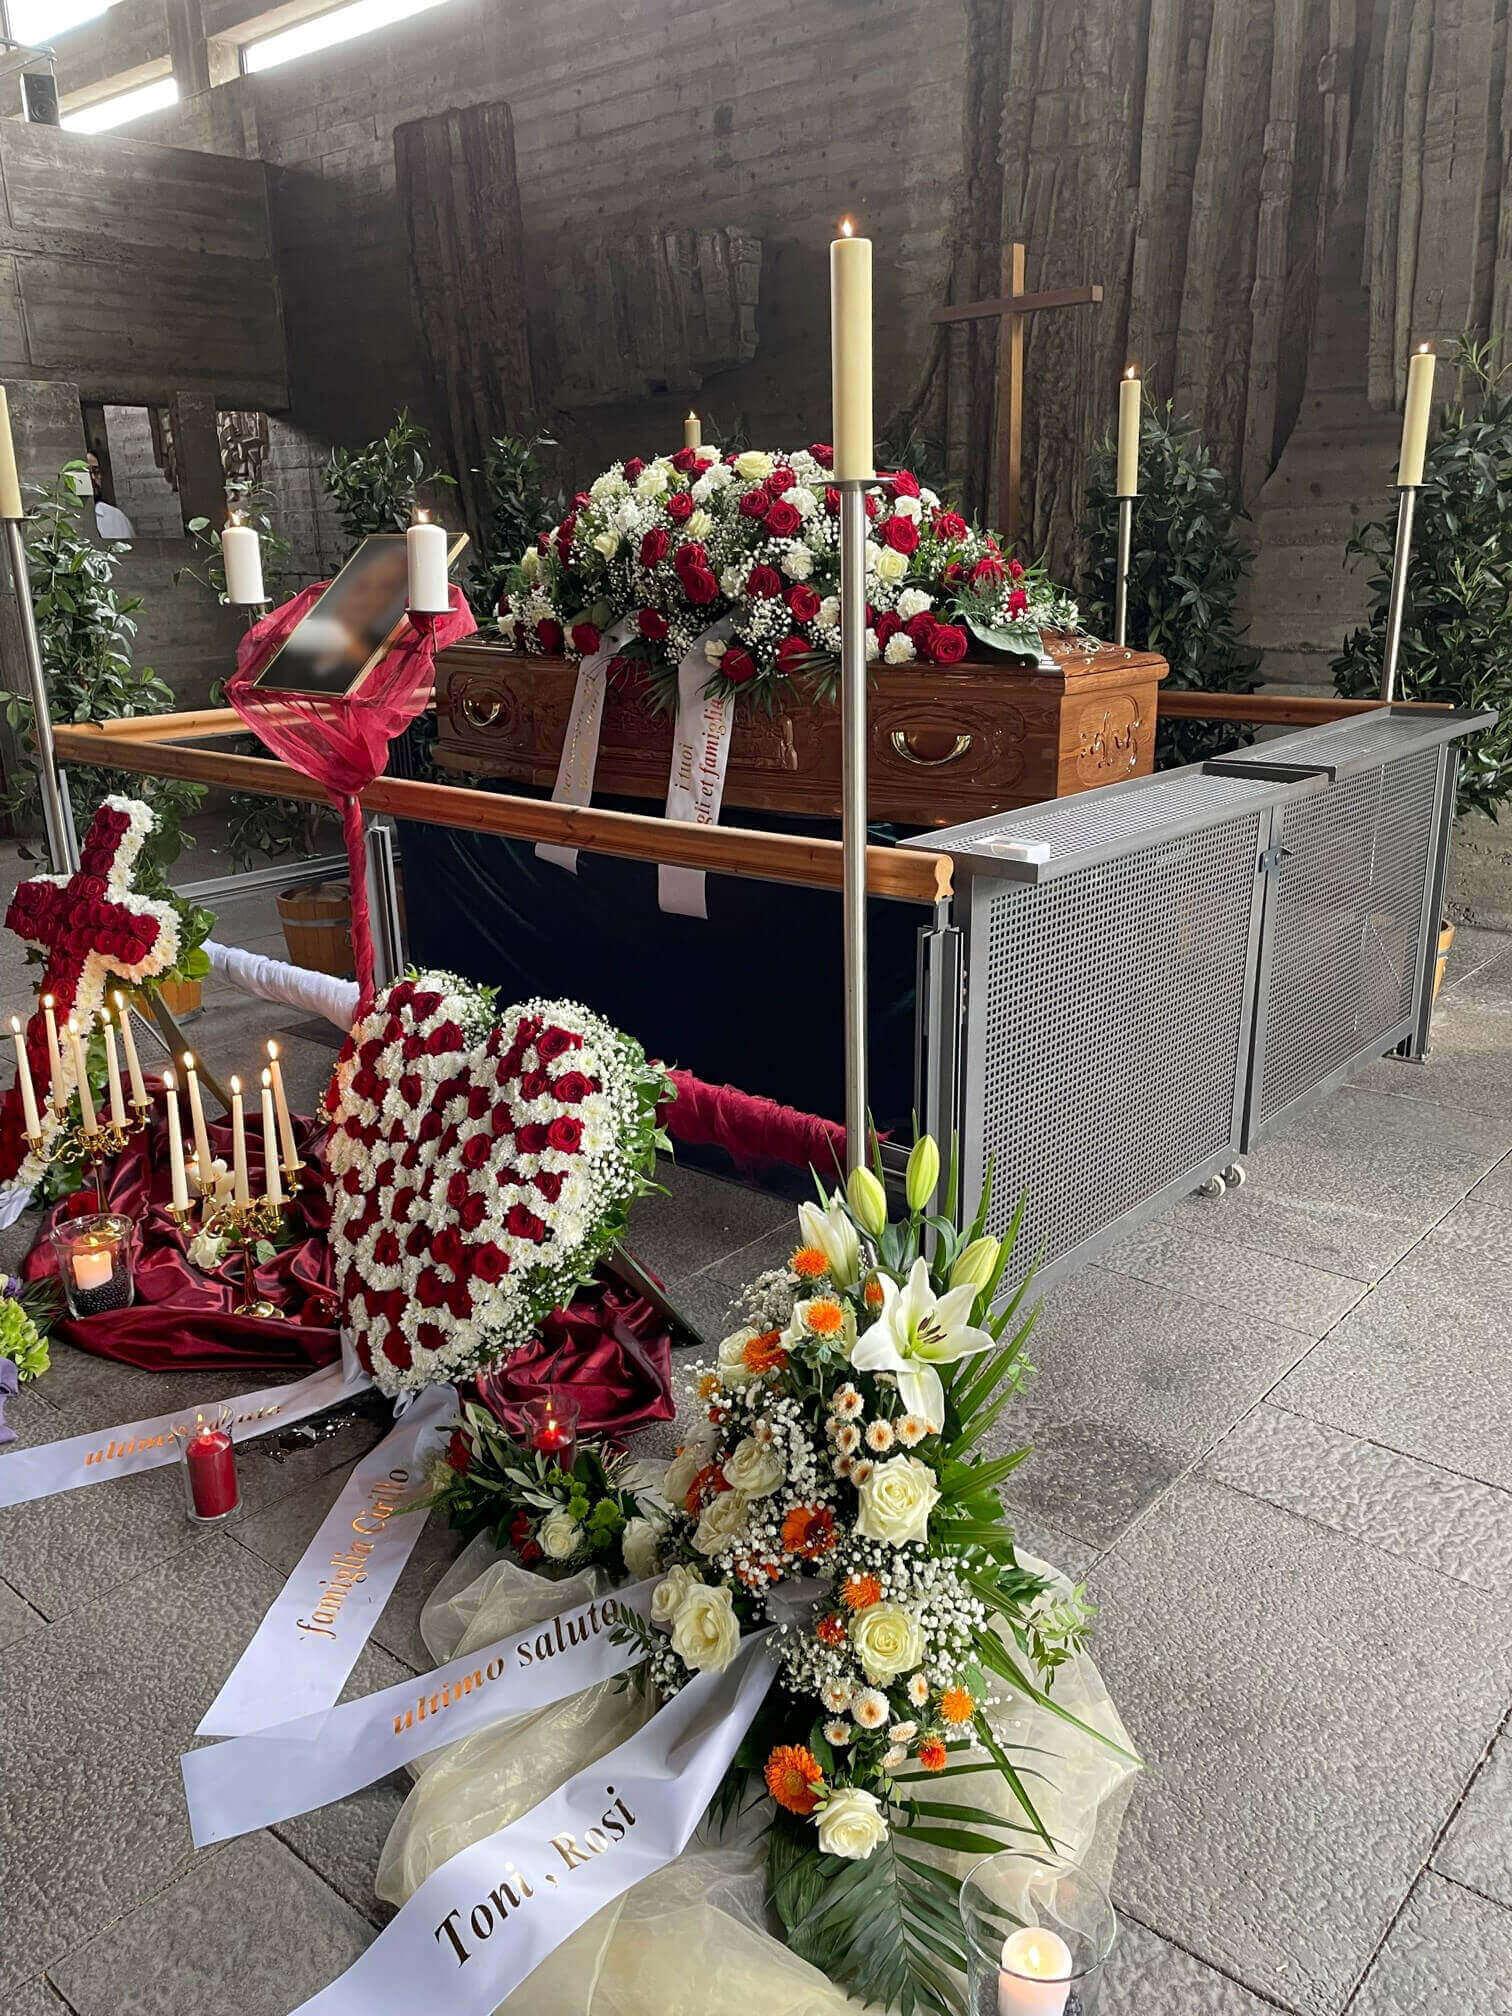 Rot-weiße Blumenbuketts und Trauerkränze um Sarg